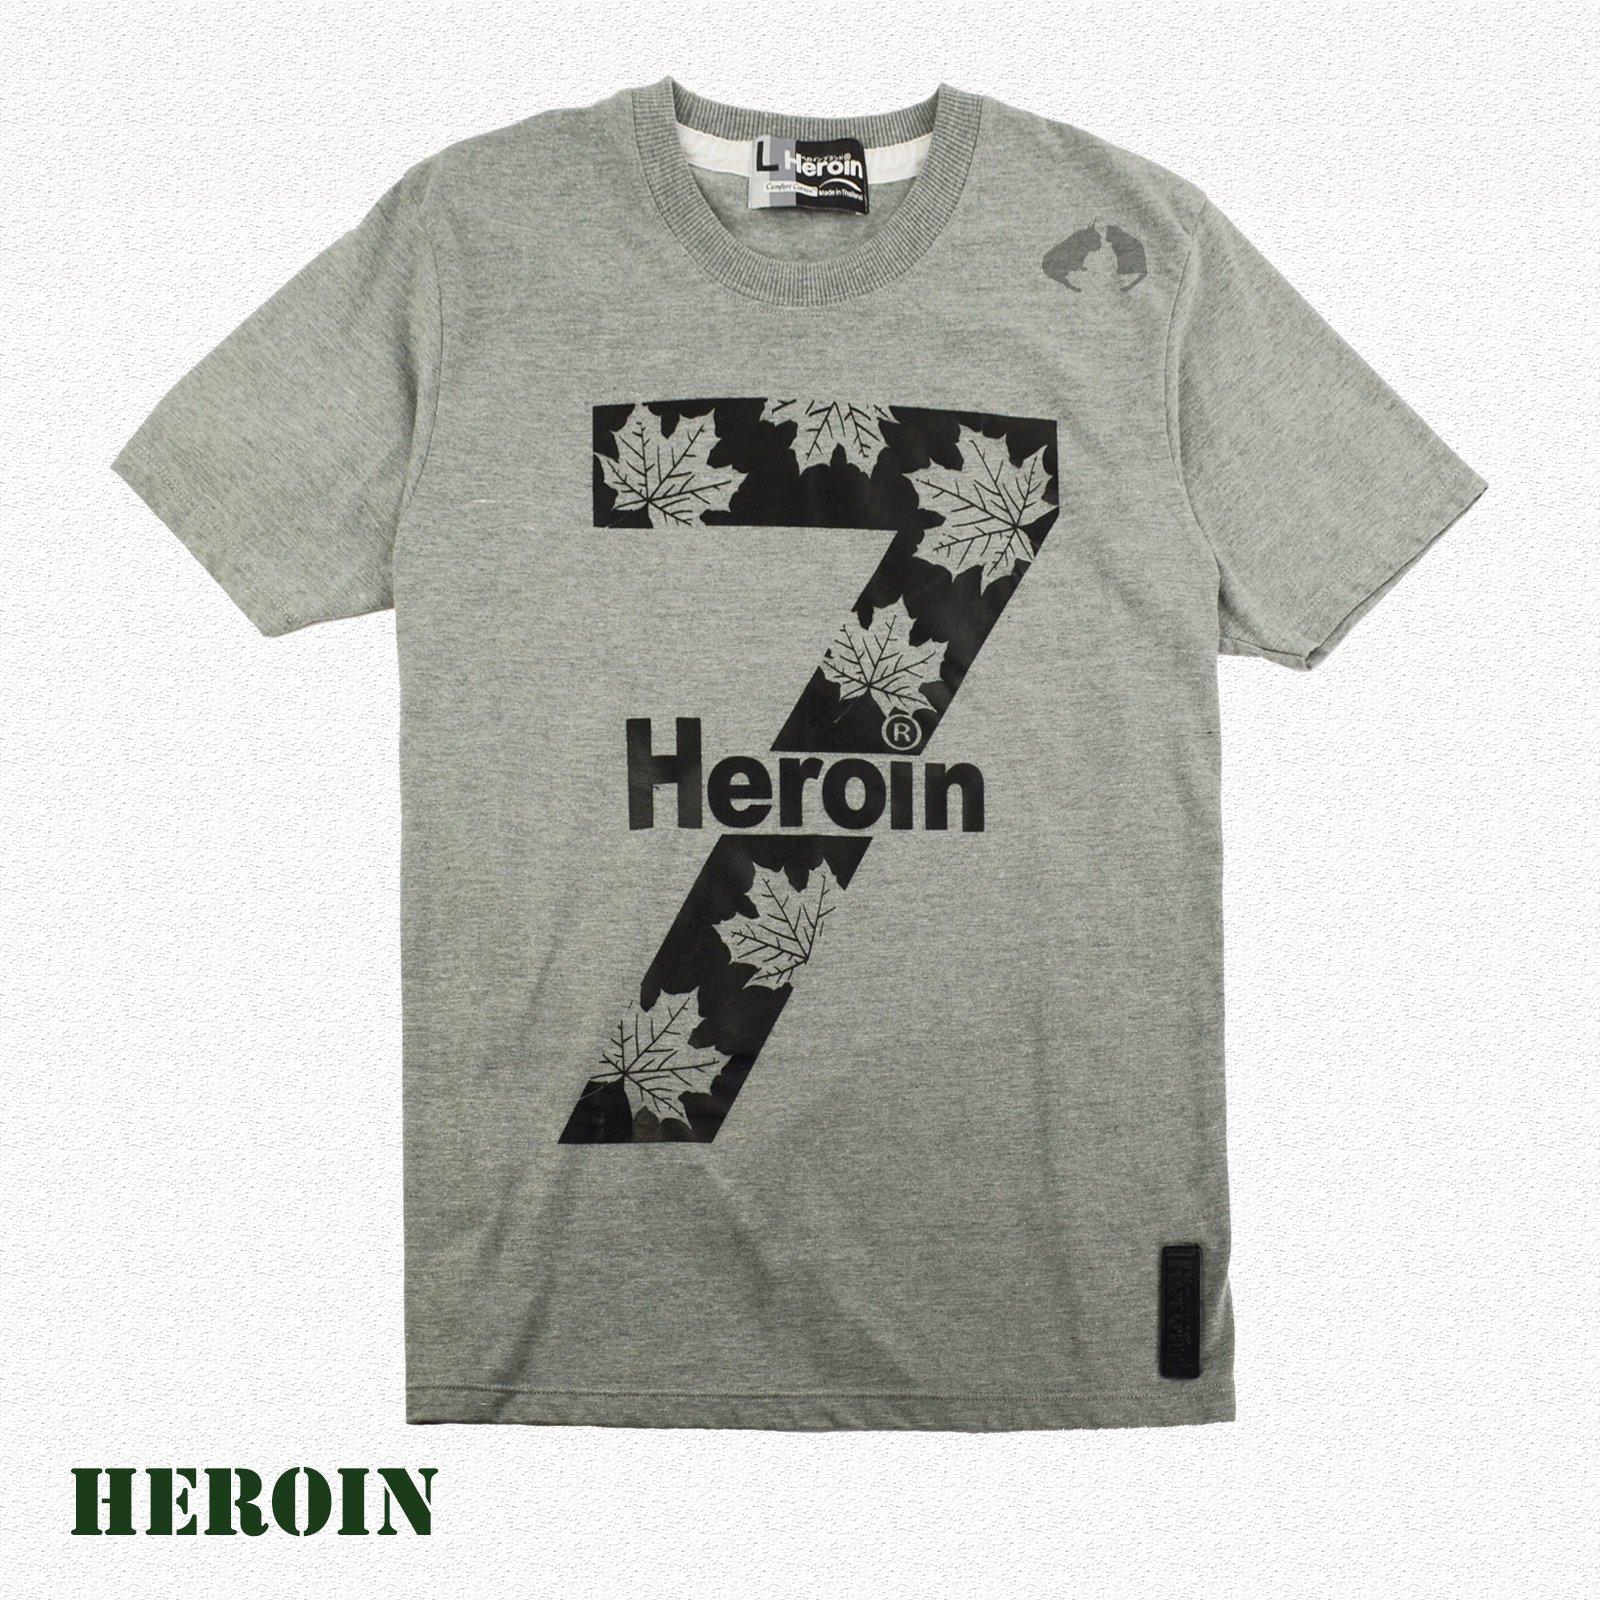 男棉T 街頭 Heroin海洛因品牌 大七系列 灰色 數字T恤-阿法.伊恩納斯 楓葉 加拿大 經典風格 潮牌 海邊 音樂